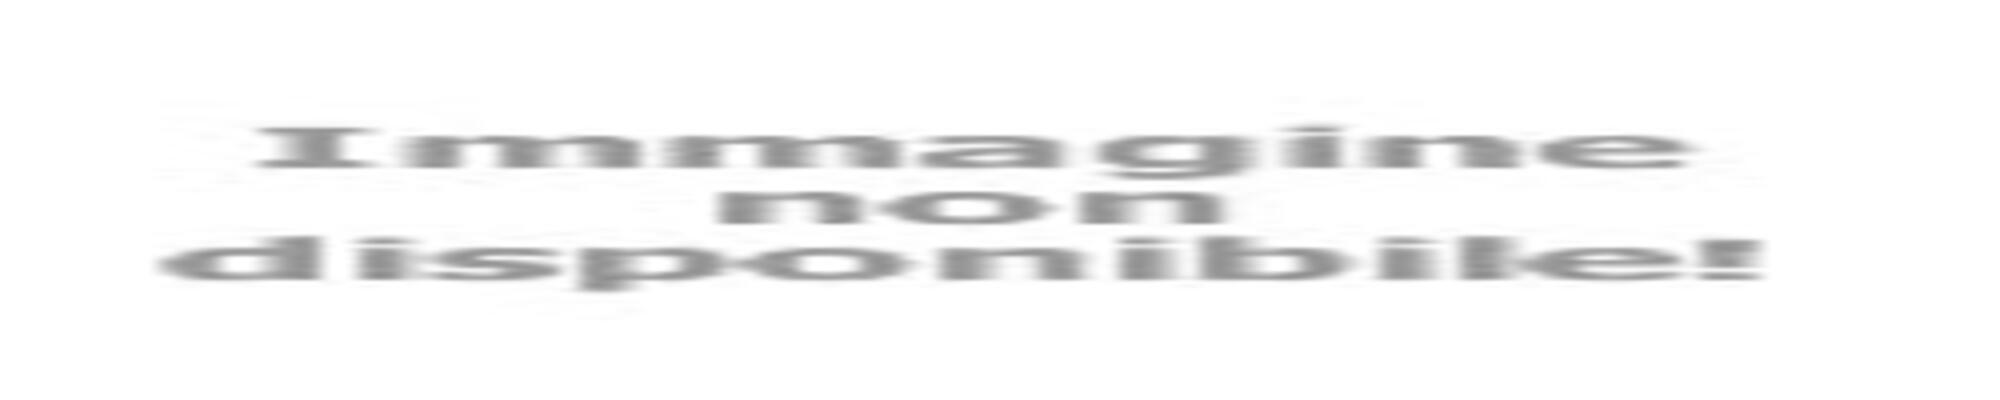 Angebot: Entdecken Sie das Vergnügen eines Urlaubs im Freien mit Naturoasen und Kunststädten